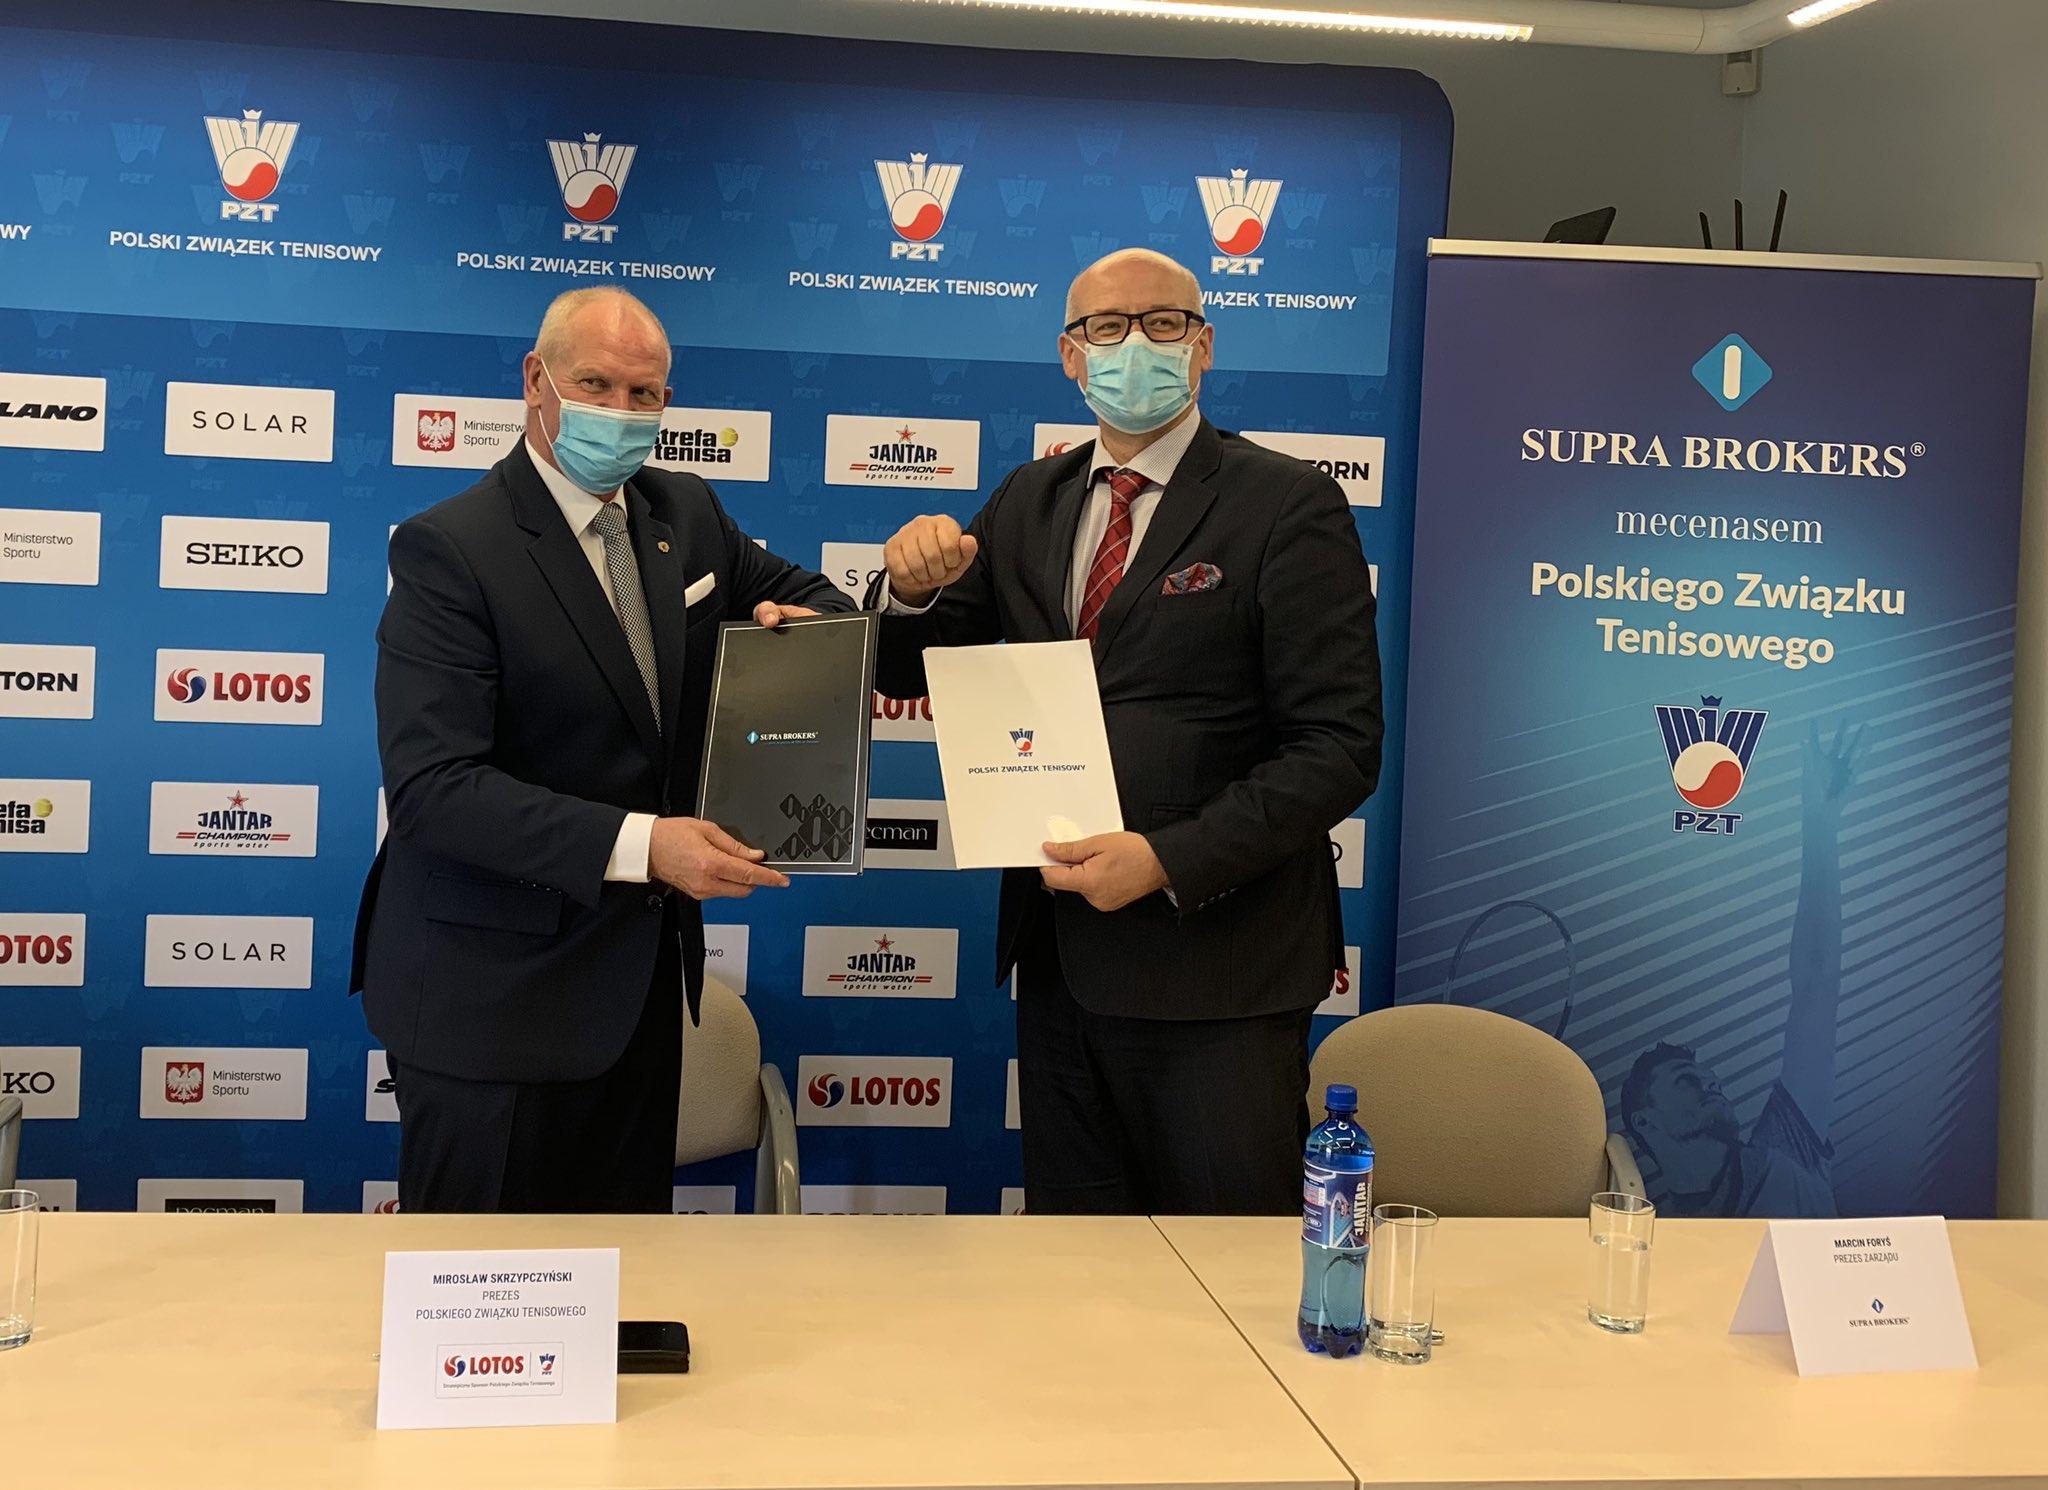 Supra Brokers SA partnerem Polskiego Związku Tenisowego